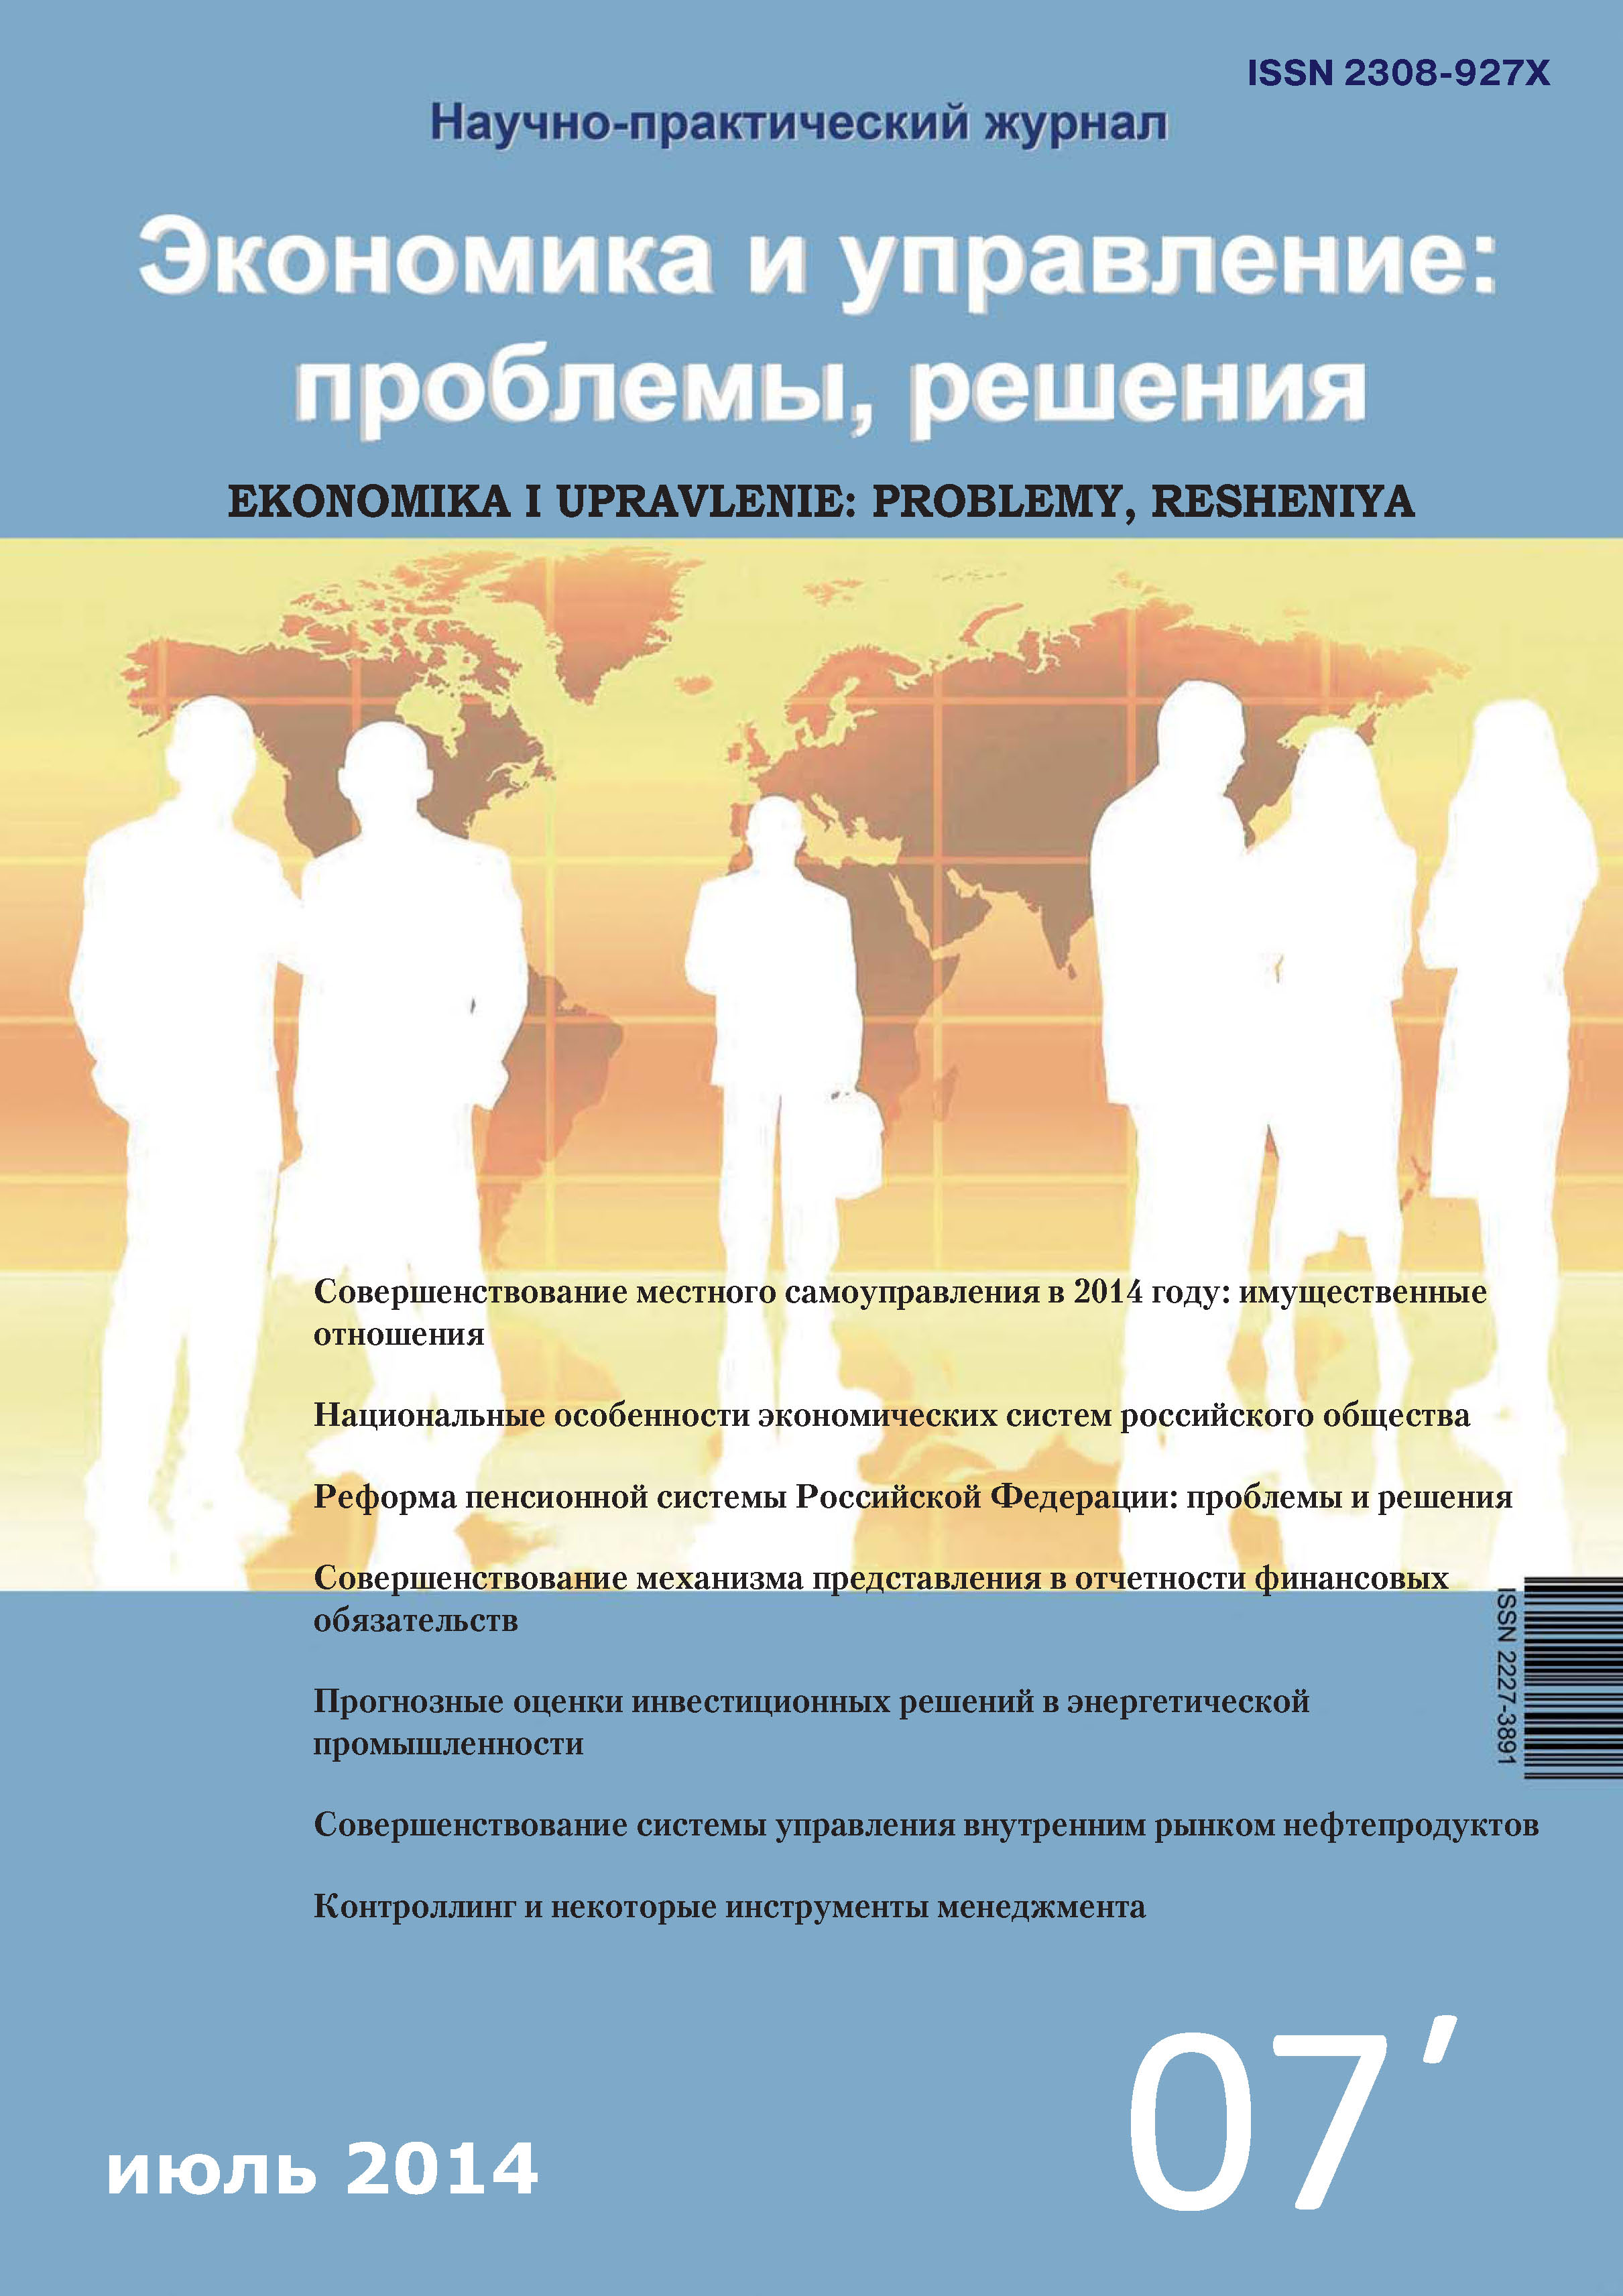 Экономика и управление: проблемы, решения № 07/2014